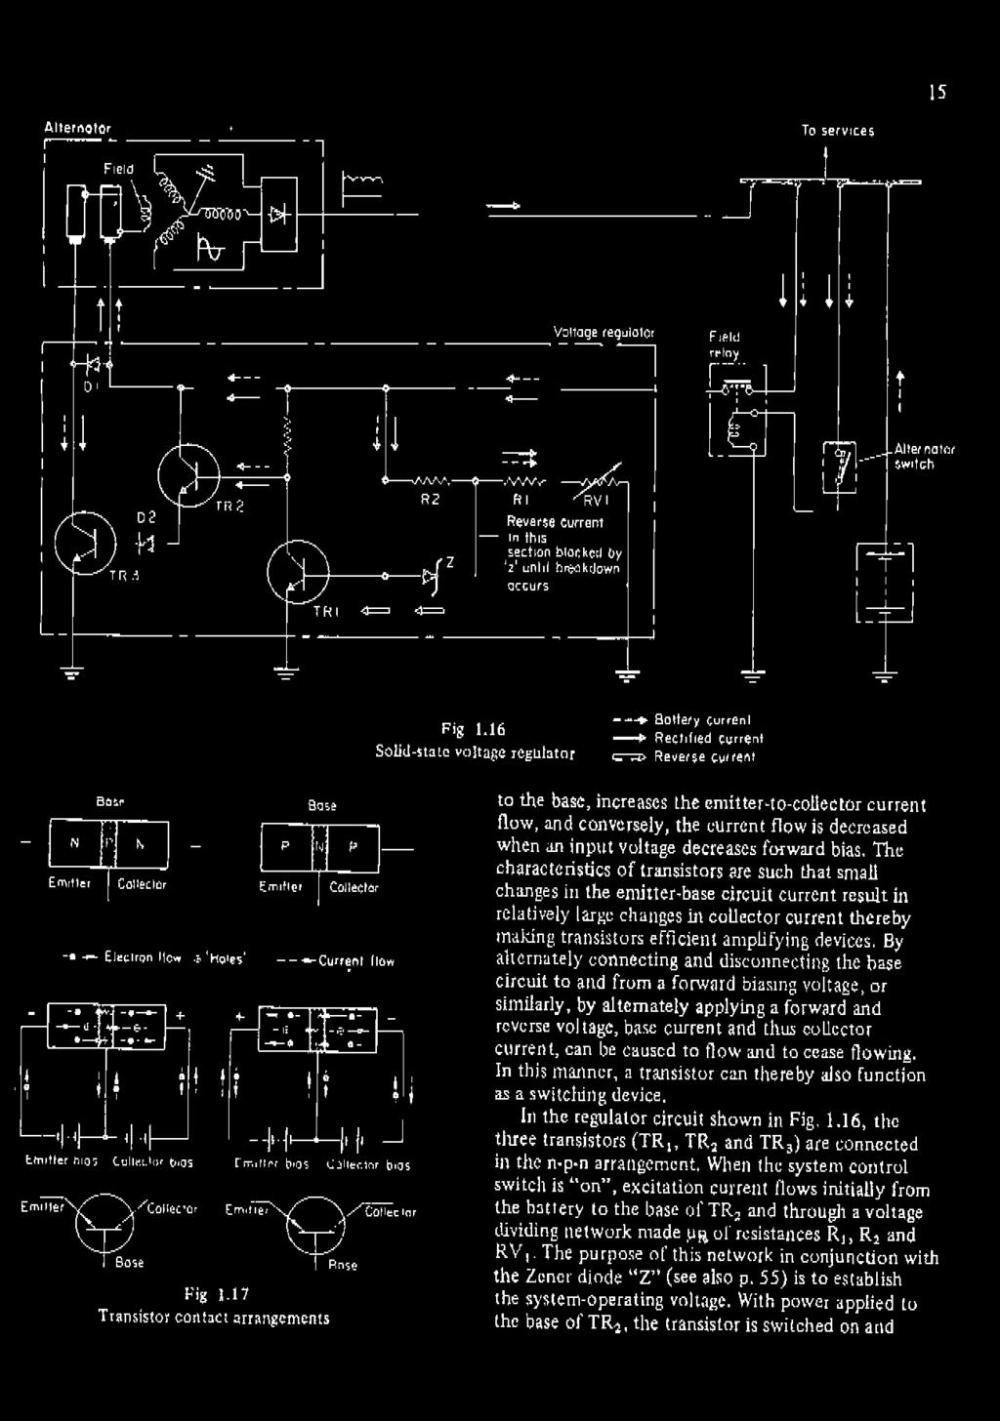 medium resolution of lt reverse current i n em ller bose elee1 on